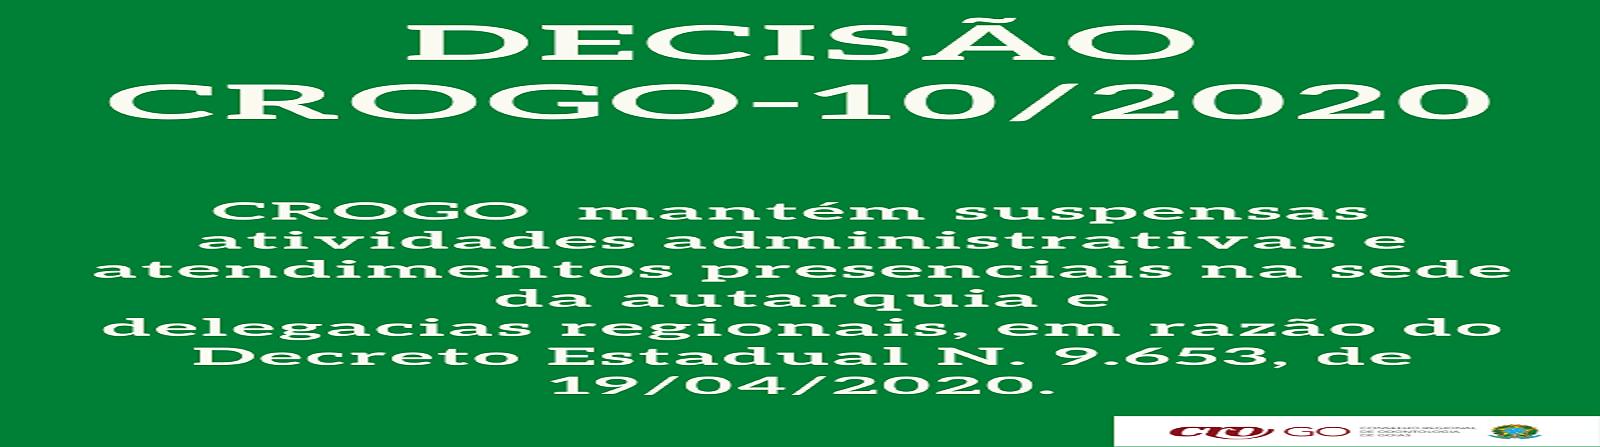 Deciso_CROGO_-_10_-_Mantm_suspensas_atividades_-_1600_x_447